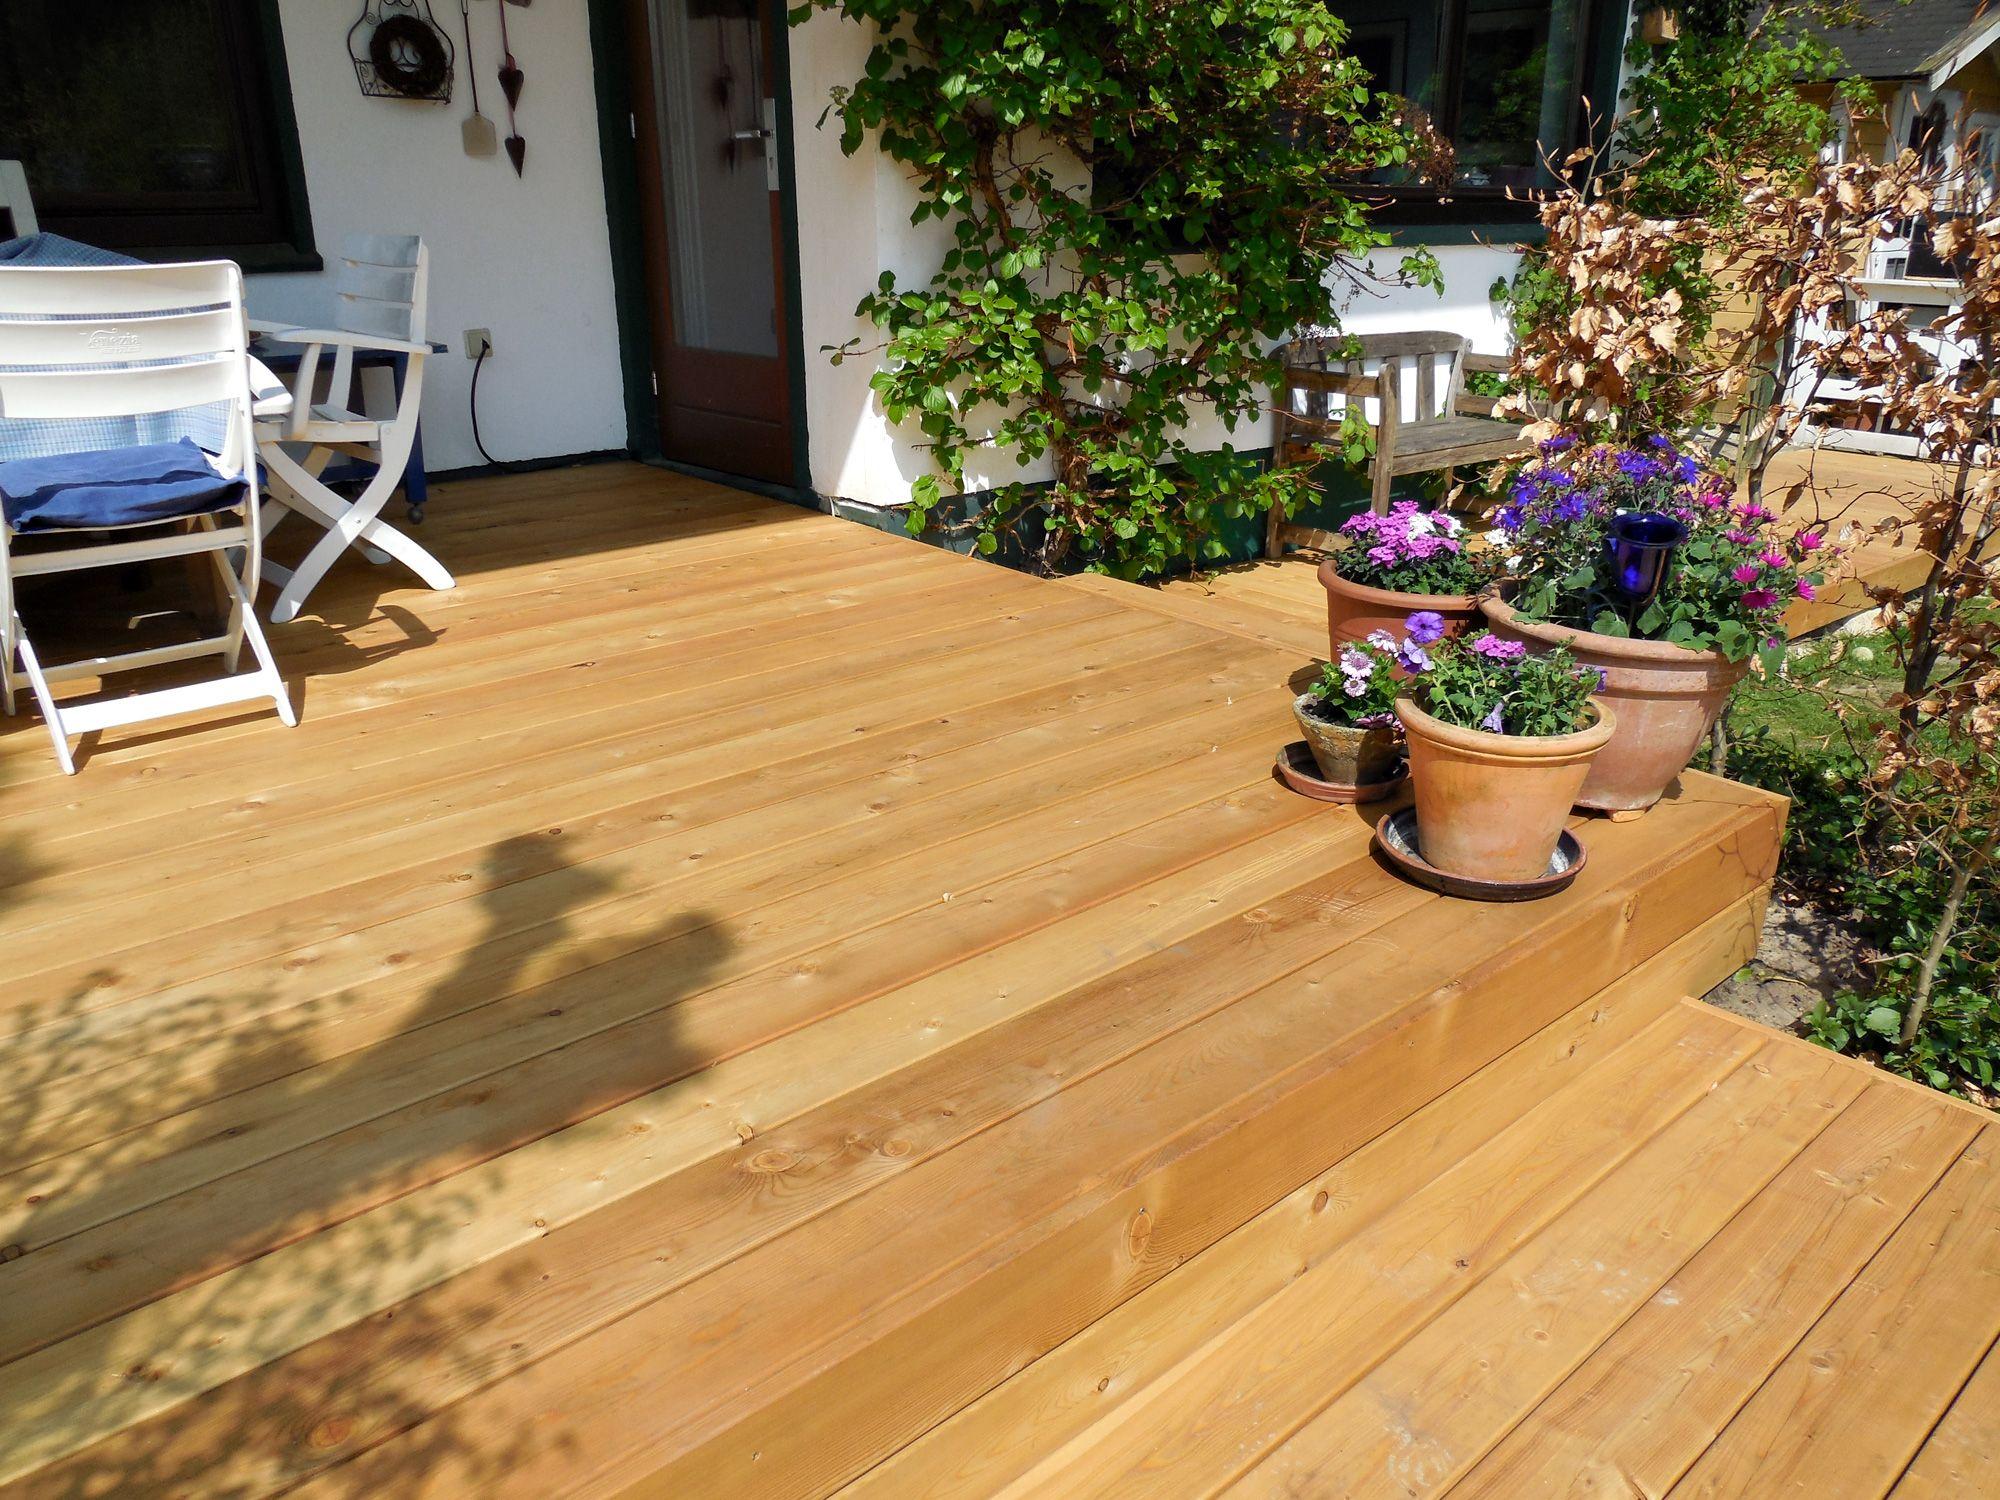 Terrassendielen aus Lärche-Holz [via Terrasse.de] | Holz ...